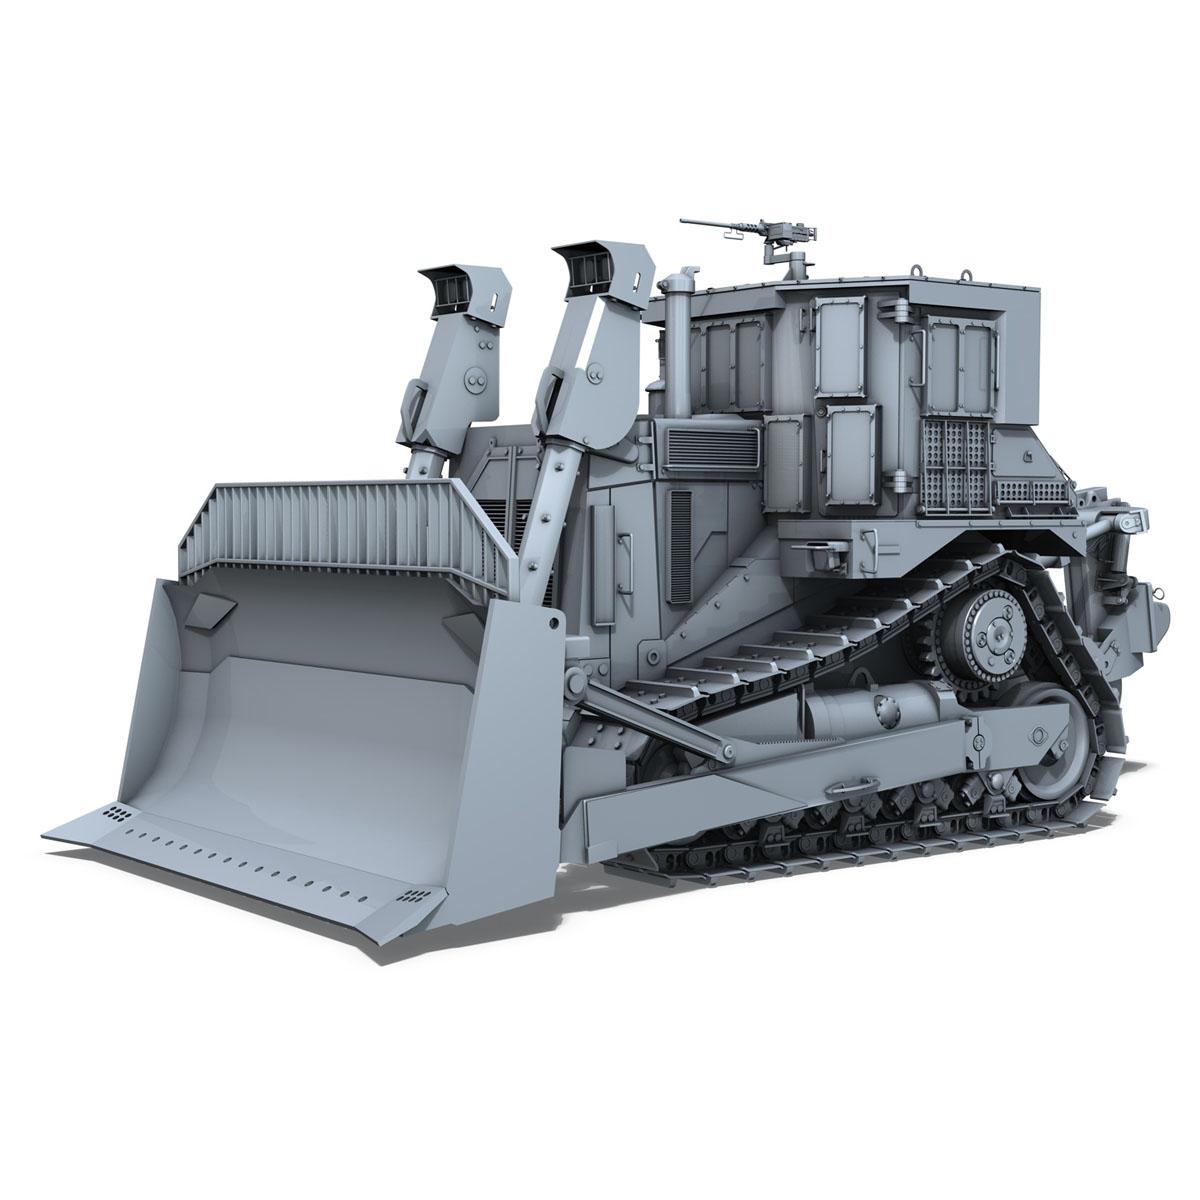 хуягт муур d9r bulldozer 3d загвар 3ds fbx c4d lwo obj 201405